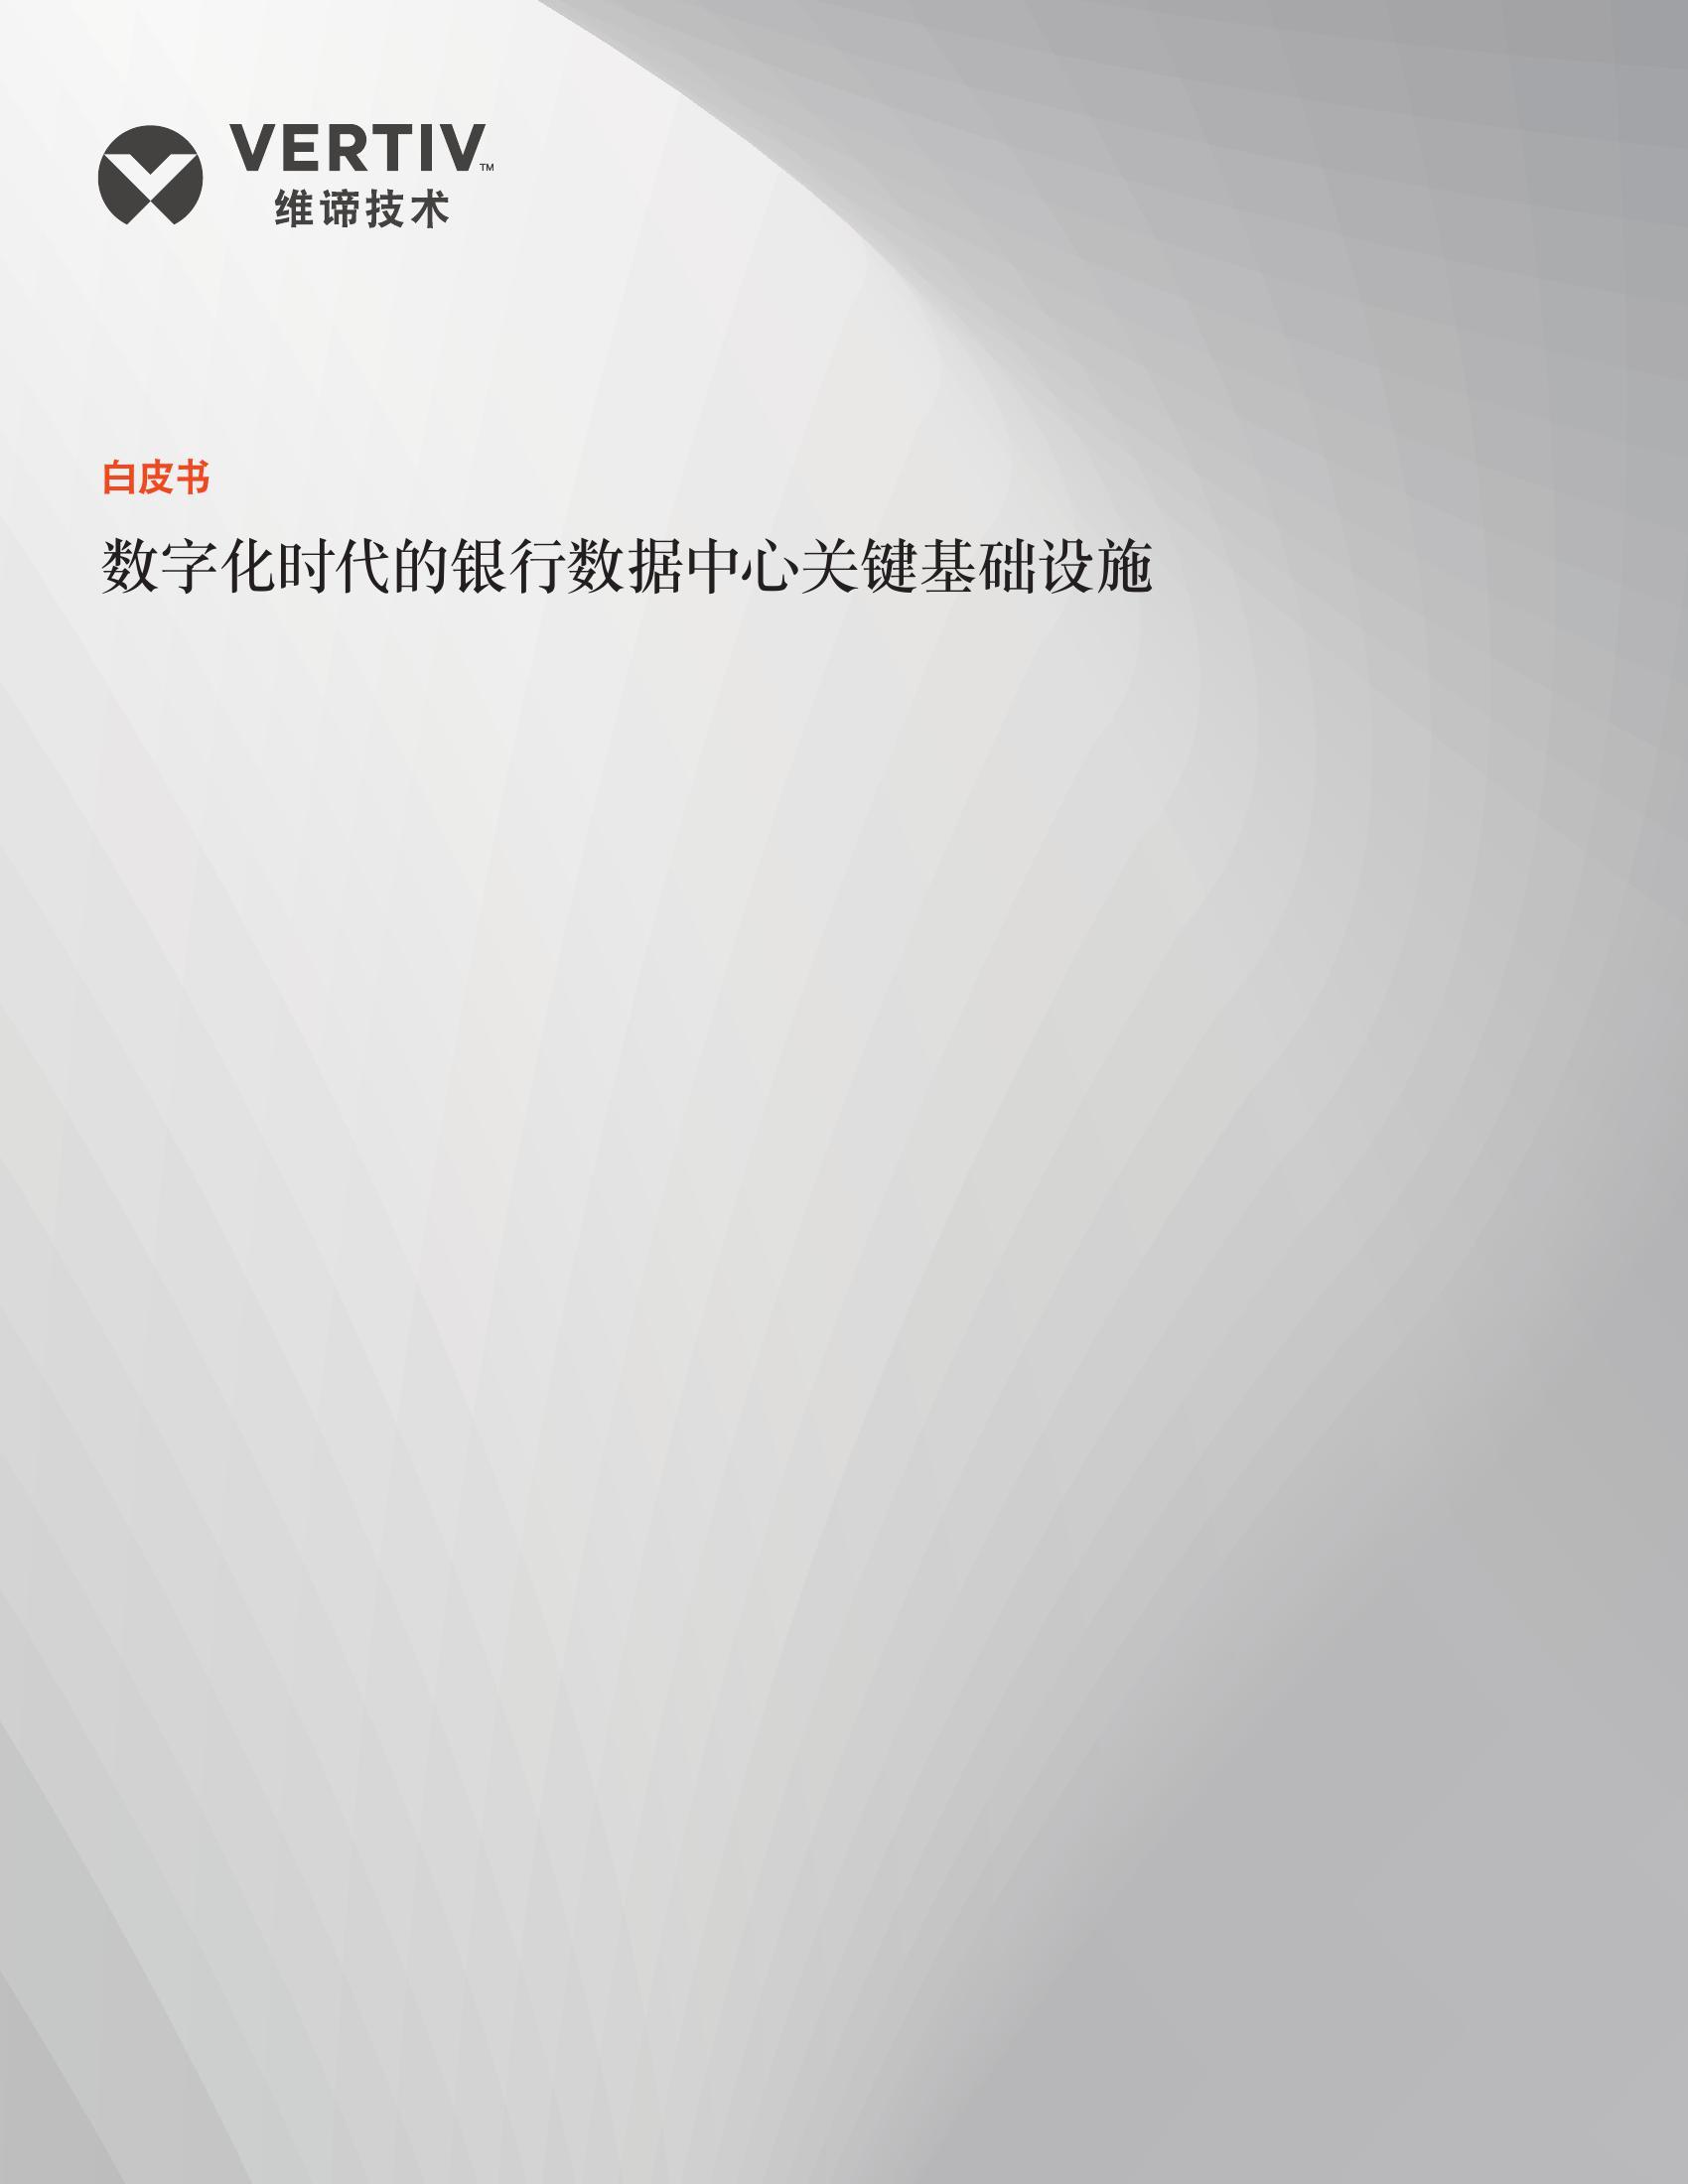 http://www.reviewcode.cn/yunweiguanli/177385.html